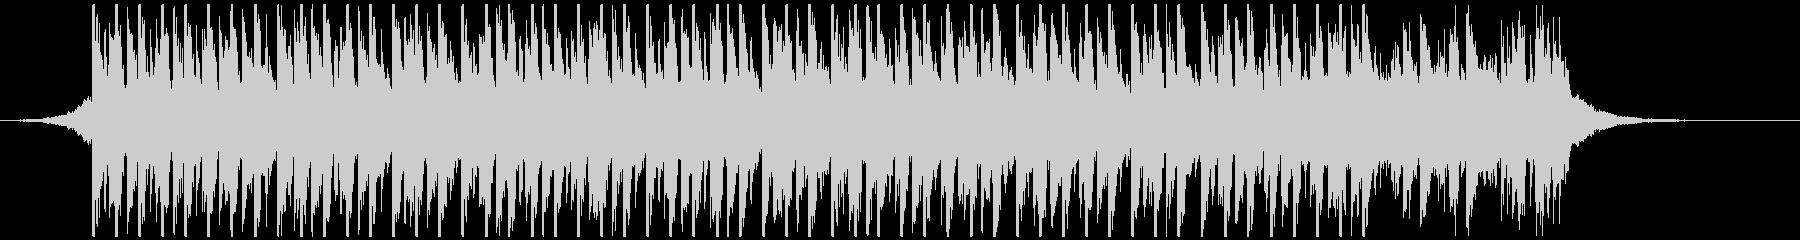 ポップパーティー(35秒)の未再生の波形